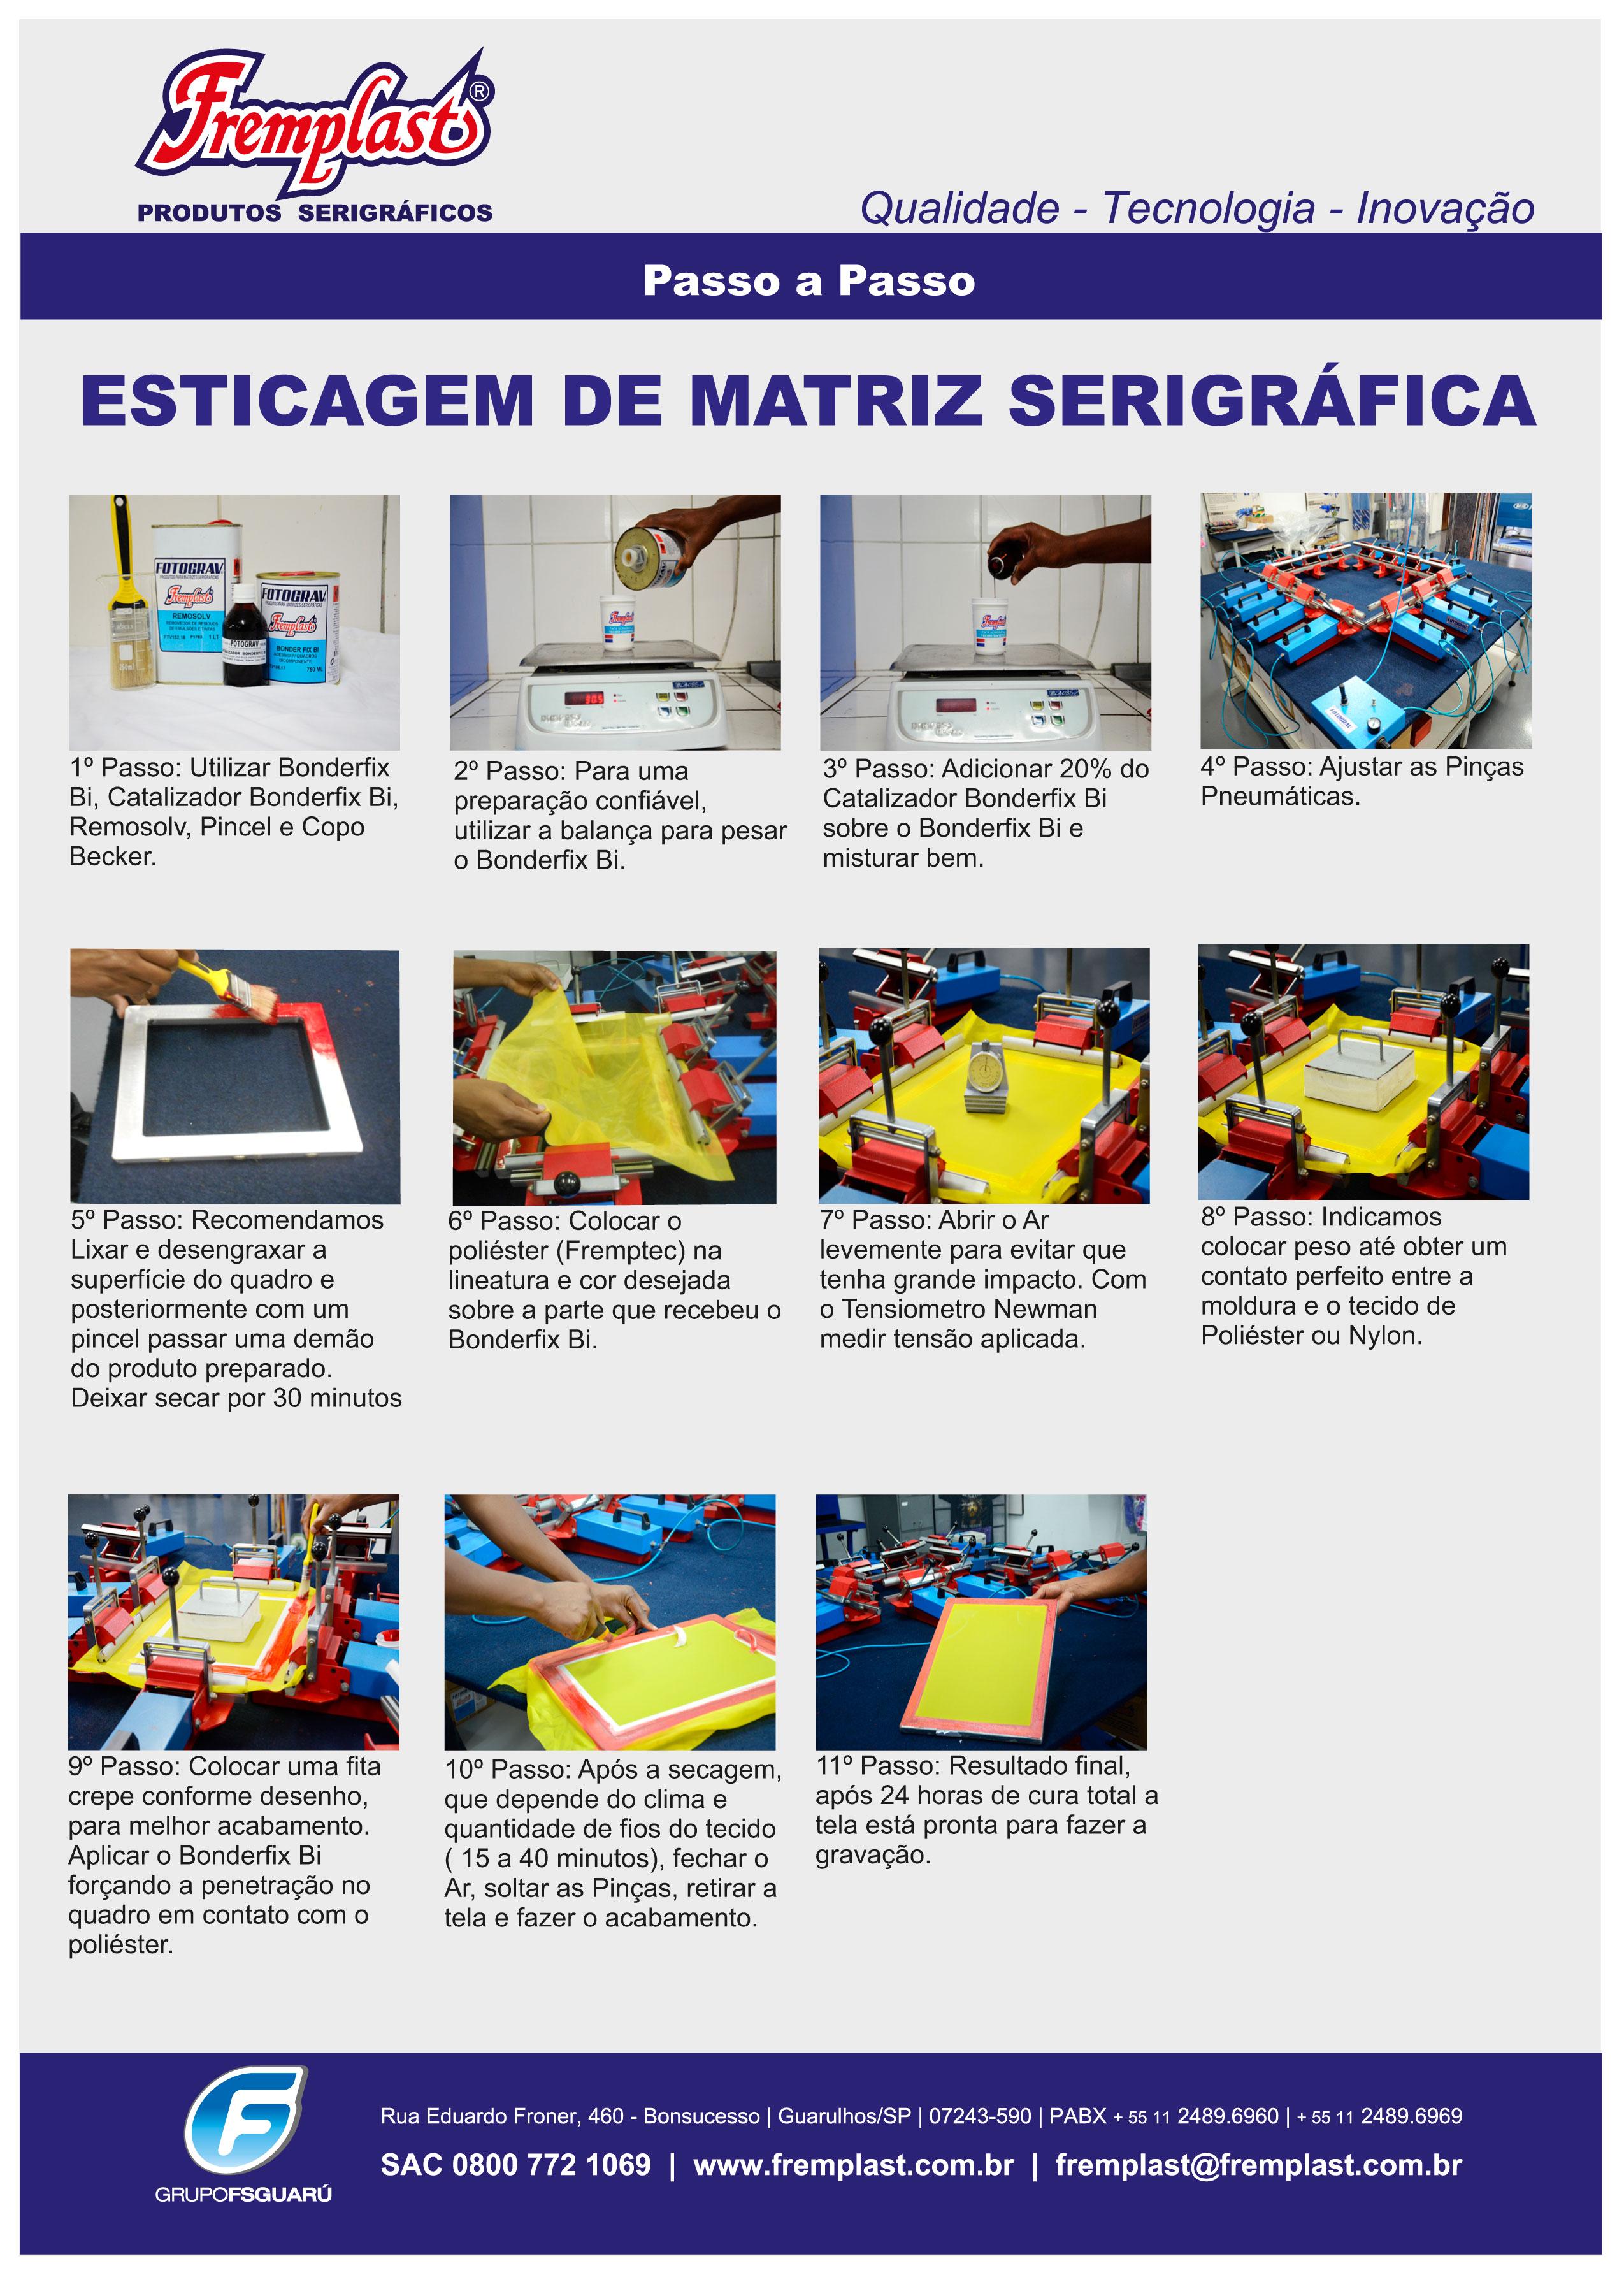 ESTICAGEM DE TELA fremplast - Passo a passo: esticagem da matriz serigráfica